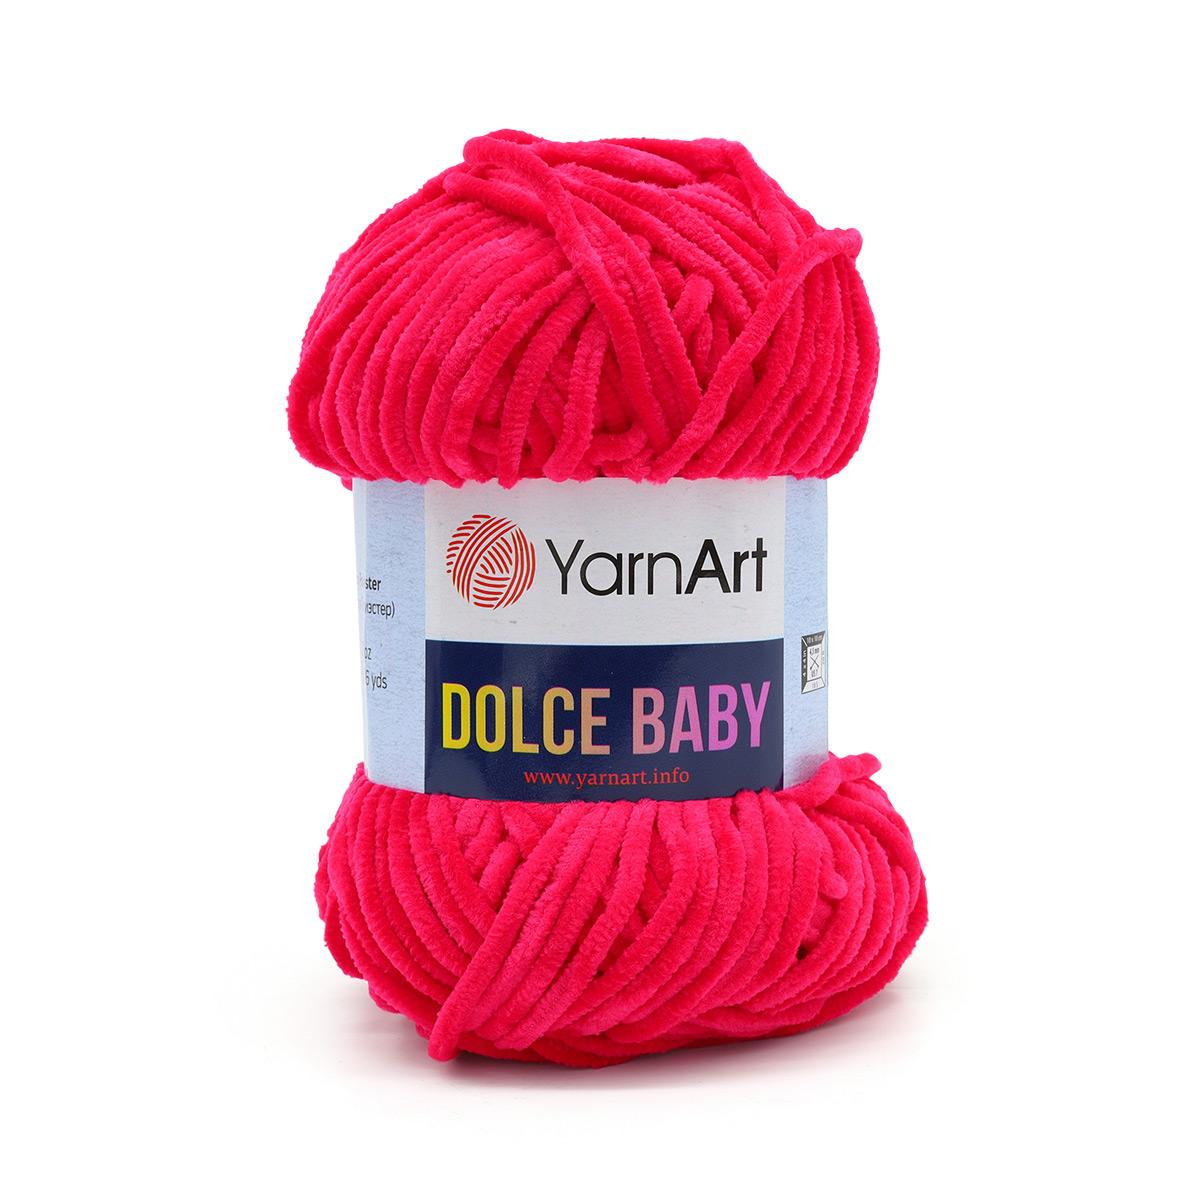 Пряжа YarnArt 'Dolce Baby' 50гр 85м (100% микрополиэстер)